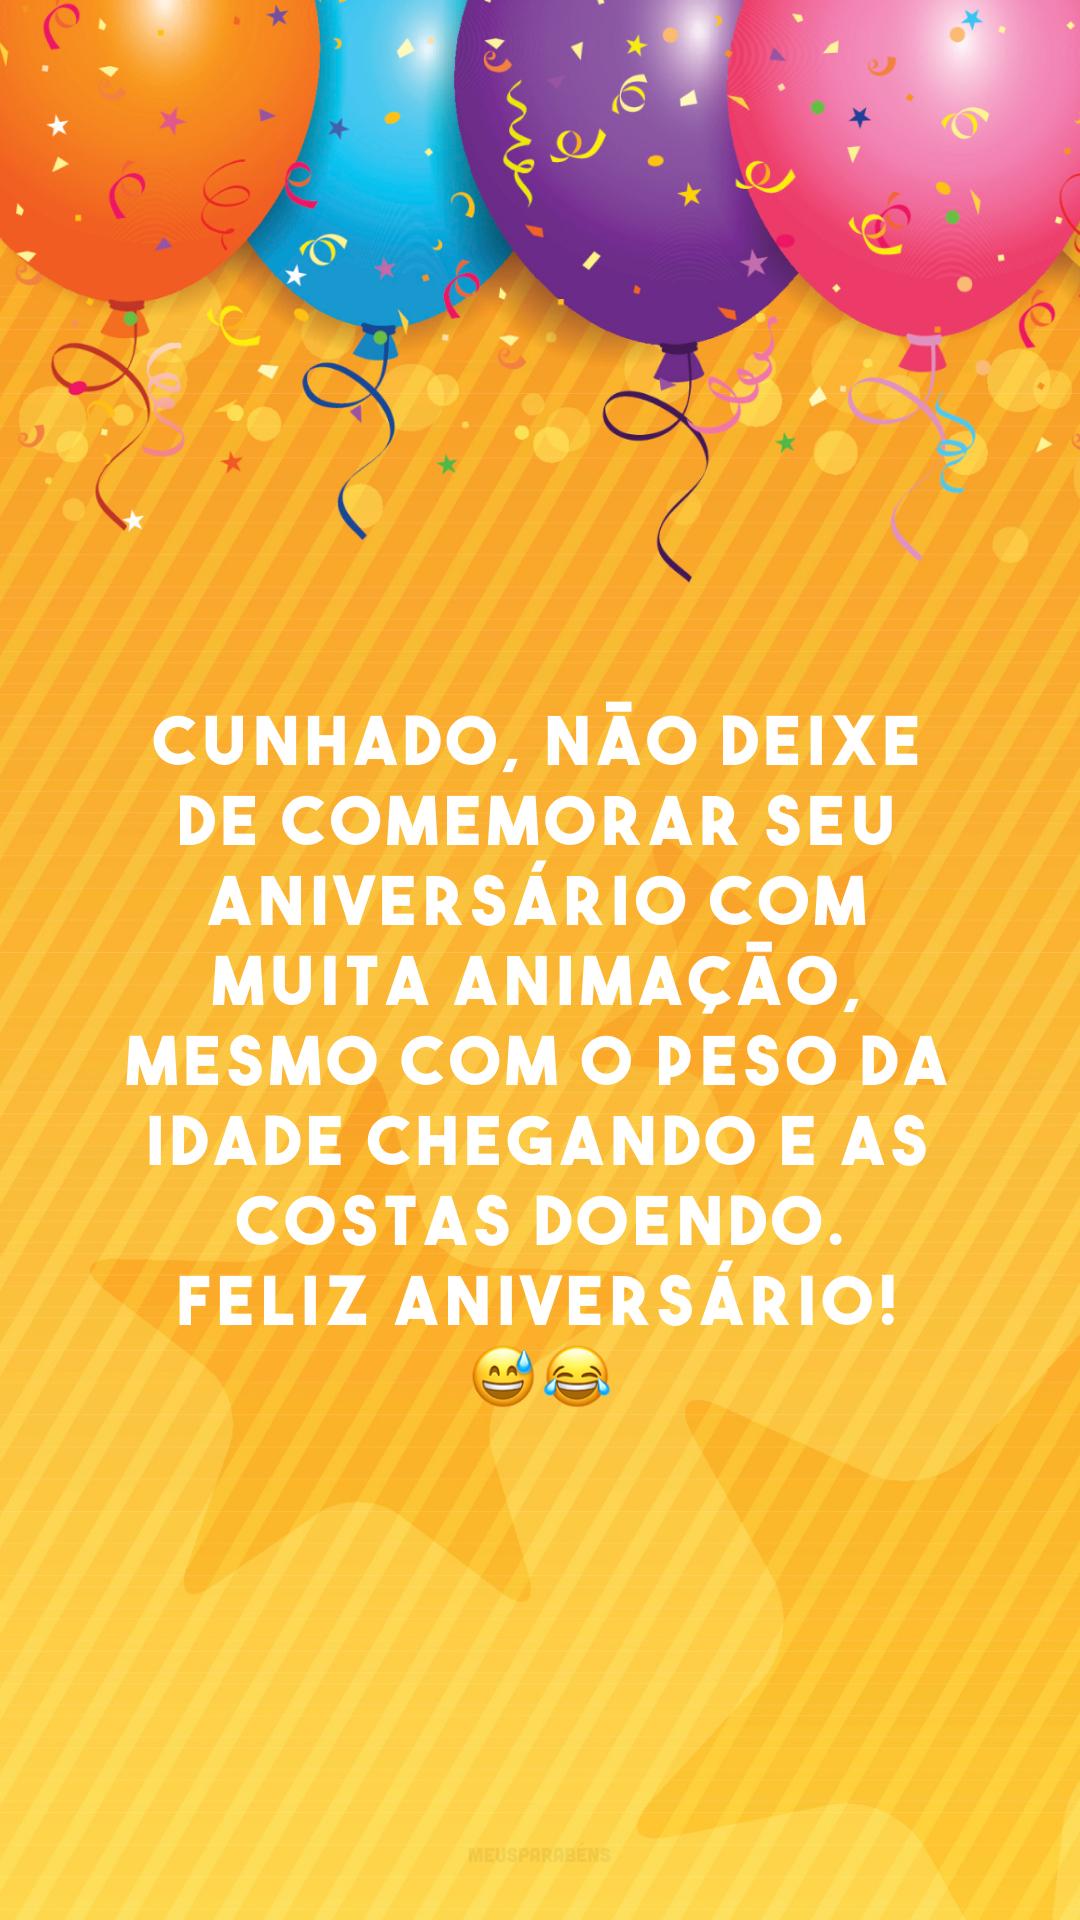 Cunhado, não deixe de comemorar seu aniversário com muita animação, mesmo com o peso da idade chegando e as costas doendo. Feliz aniversário! 😅😂